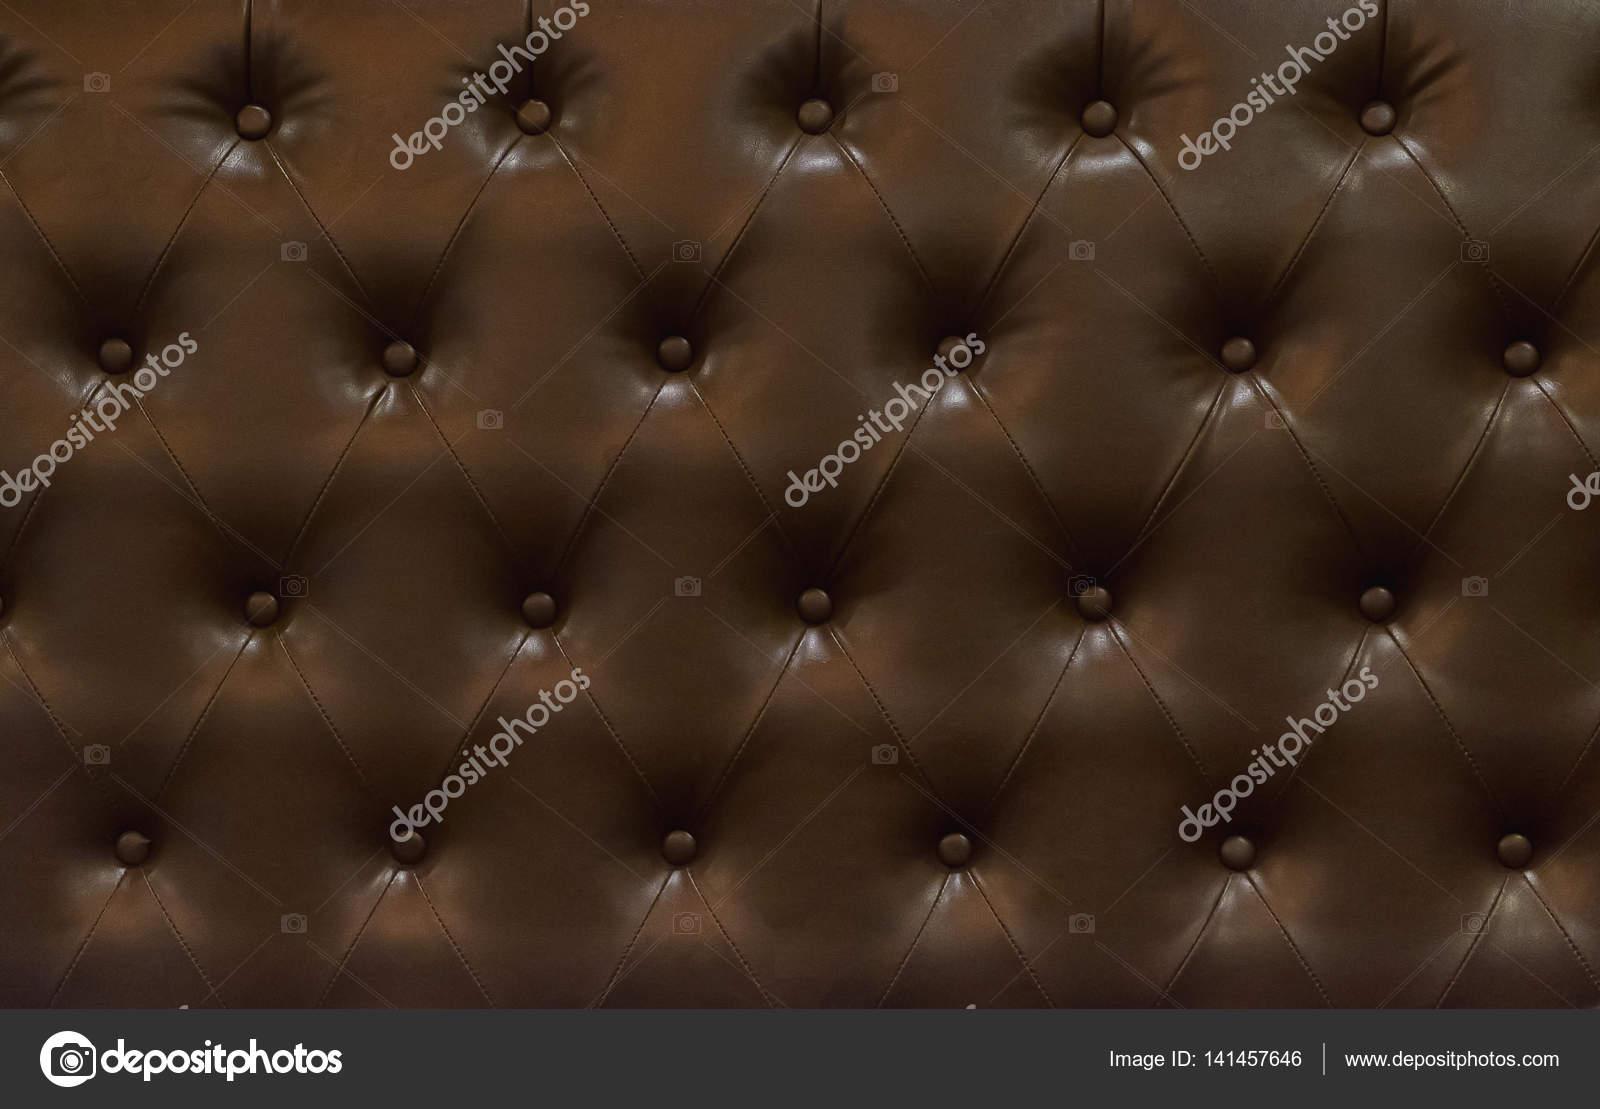 Donker Bruine Leren Stoel.Donker Bruin Lederen Stoel Patroon Retro Stijl Stockfoto